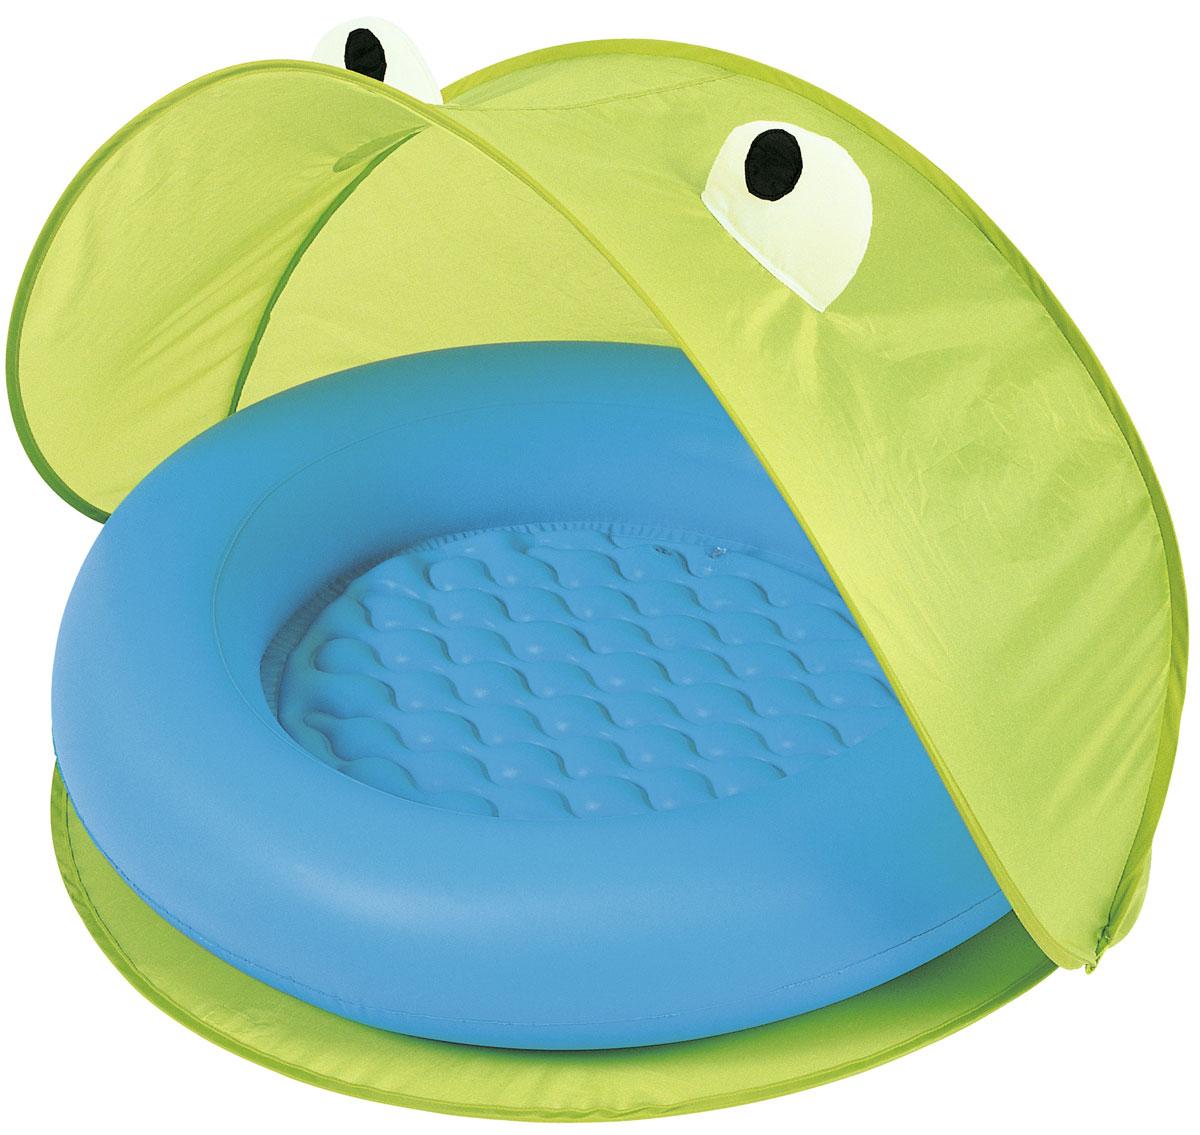 Bestway Надувной бассейн со складным тентом от солнца. Зеленый/голубой.51110_GЯркий и забавный надувной бассейн станет любимым развлечением вашего малыша. Специальный тент, в виде забавного зверька защит от яркого солнца. Тент легко складывается и раскладывается. Мягкое надувное дно сделает купание комфортным. Благодаря удобной сумке для хранения, у вас не возникнет проблем в межсезонье. Рекомендованный возраст: для детей от 2-х лет. Размер 97*97*74 см. Примерныйобъем 23 л. Изготовлено из полимерных материалов (винил).